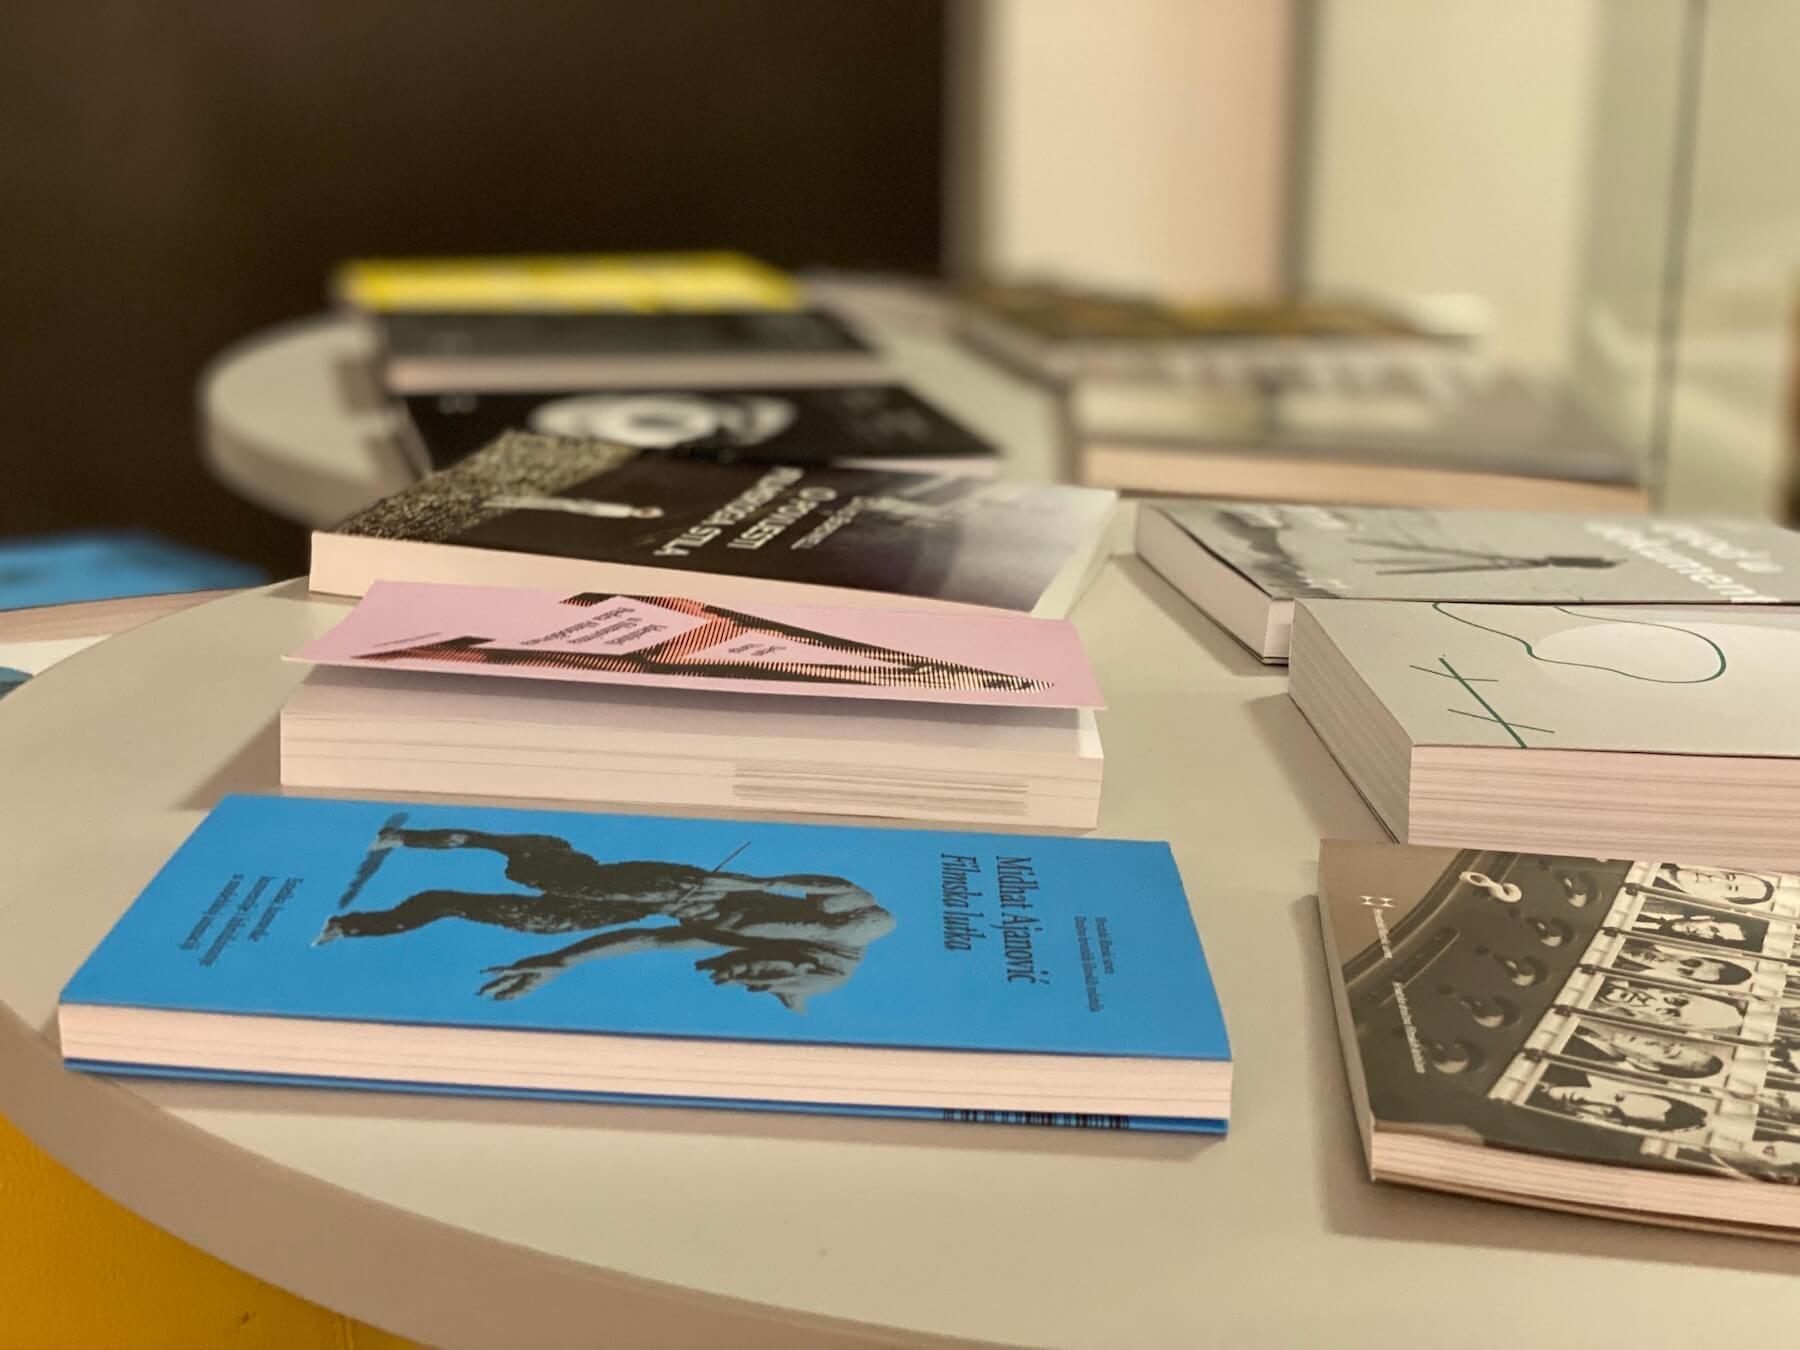 Knjige u izdanju HFS-a samo za polaznike Škole po promotivnim cijenama